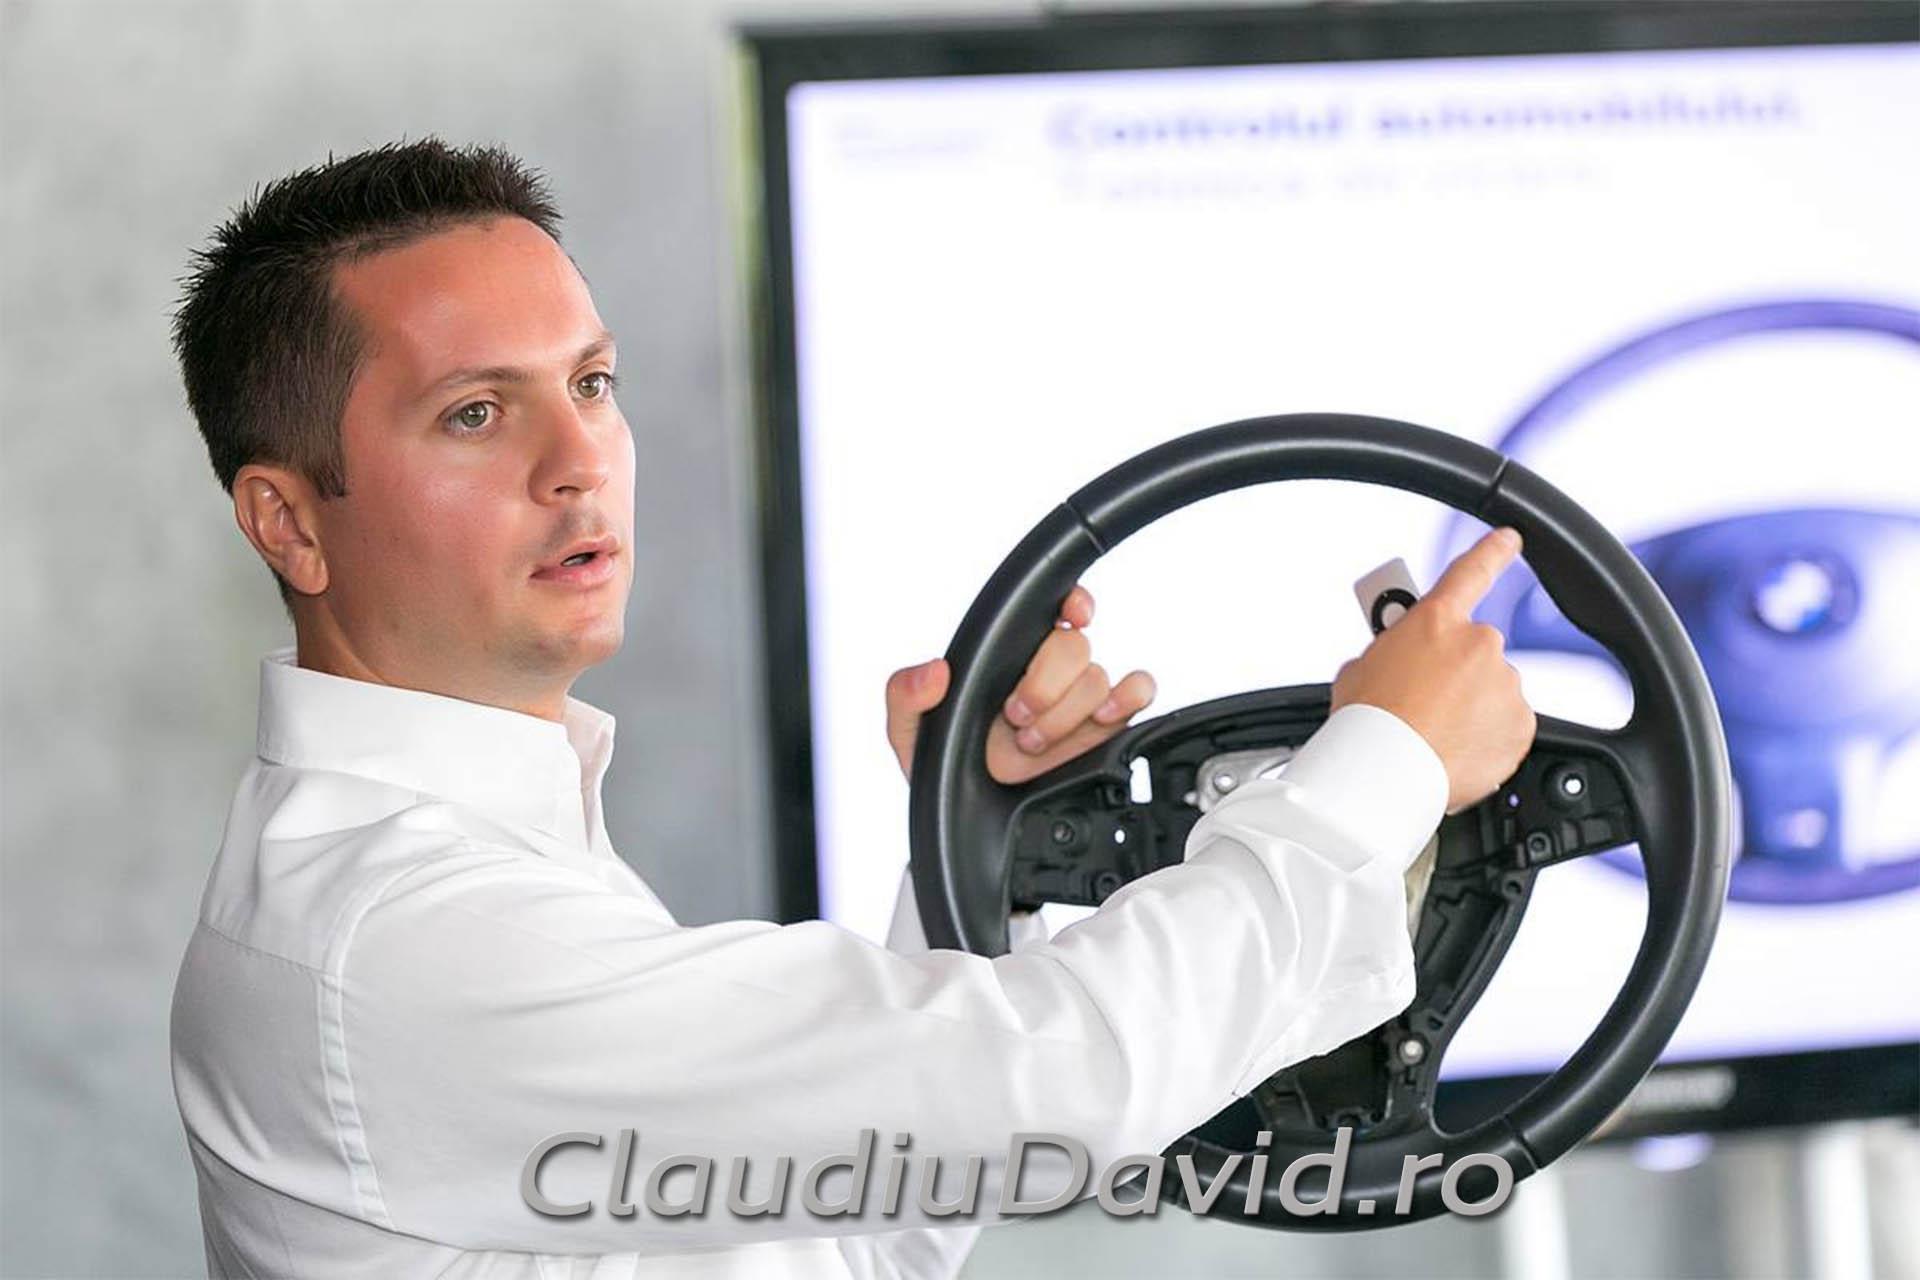 ClaudiuDavid.ro